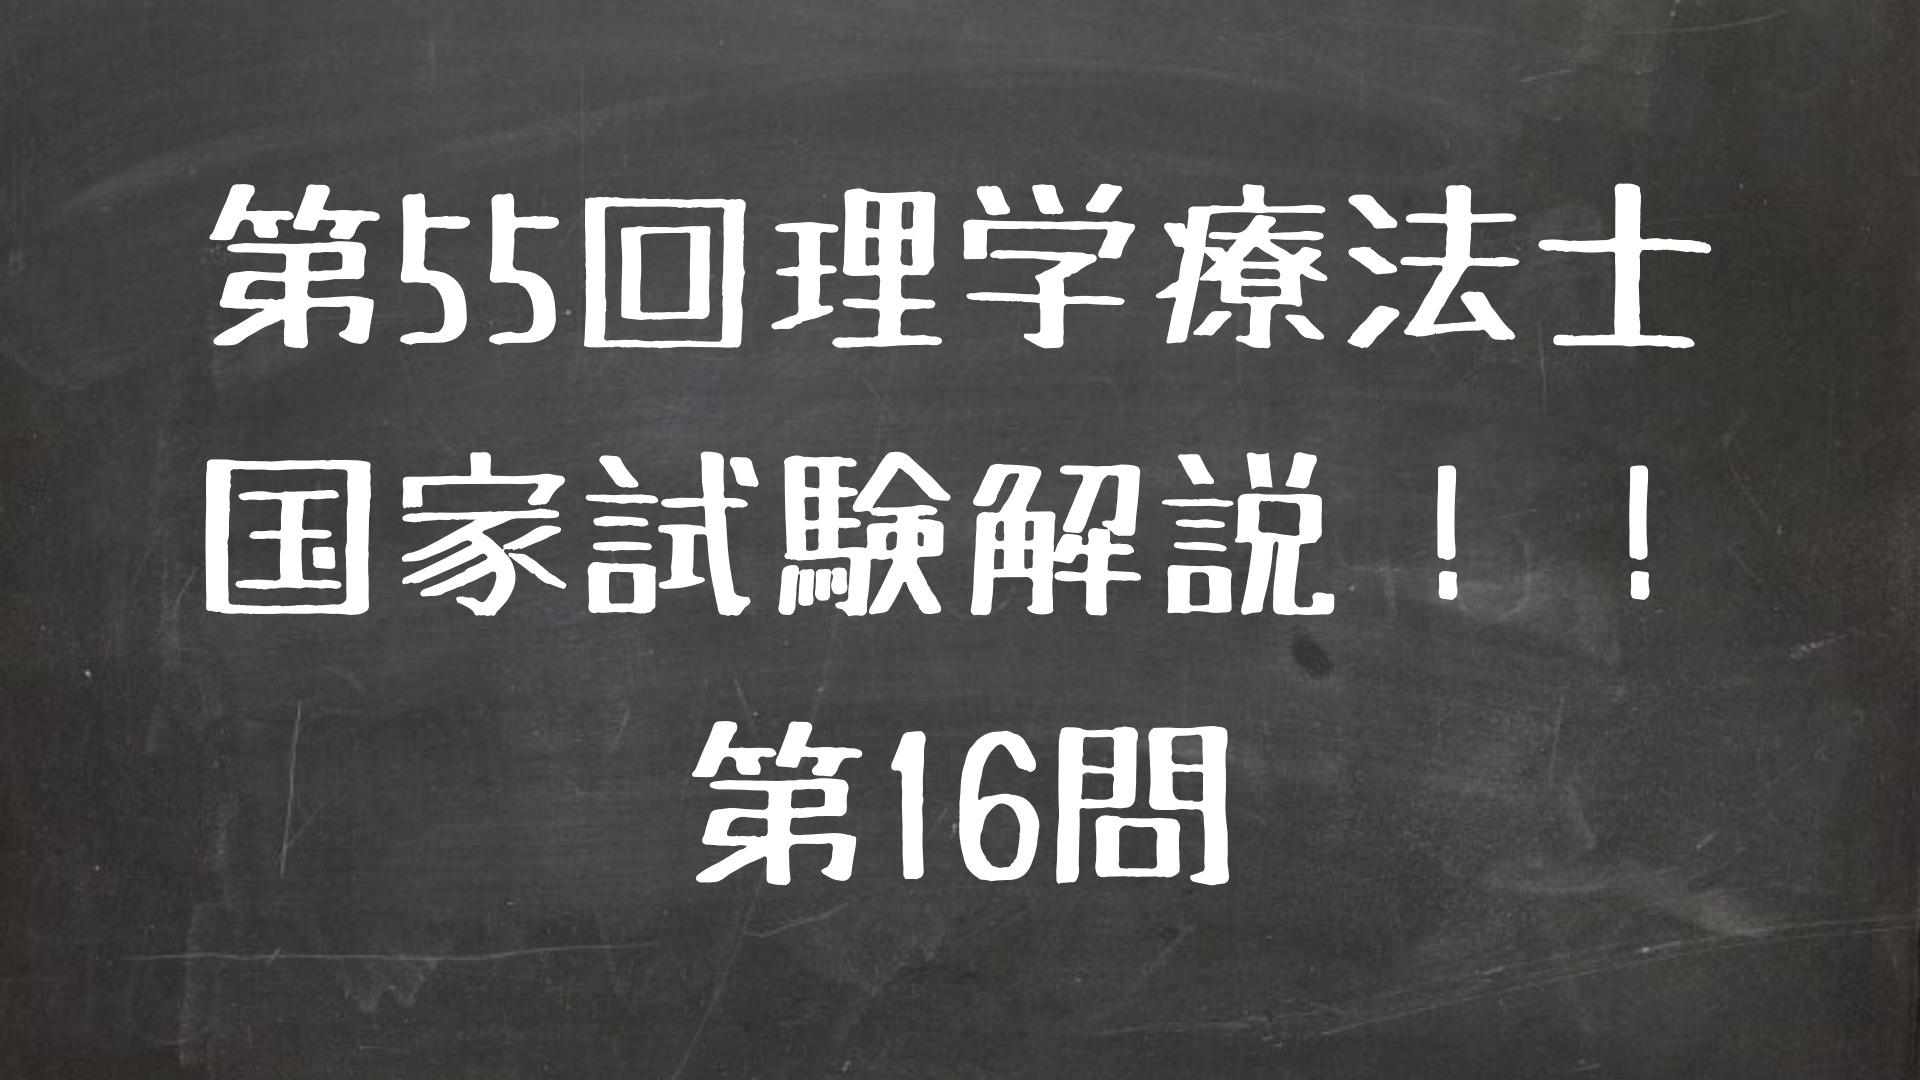 第55回理学療法士国家試験 午前 第16問